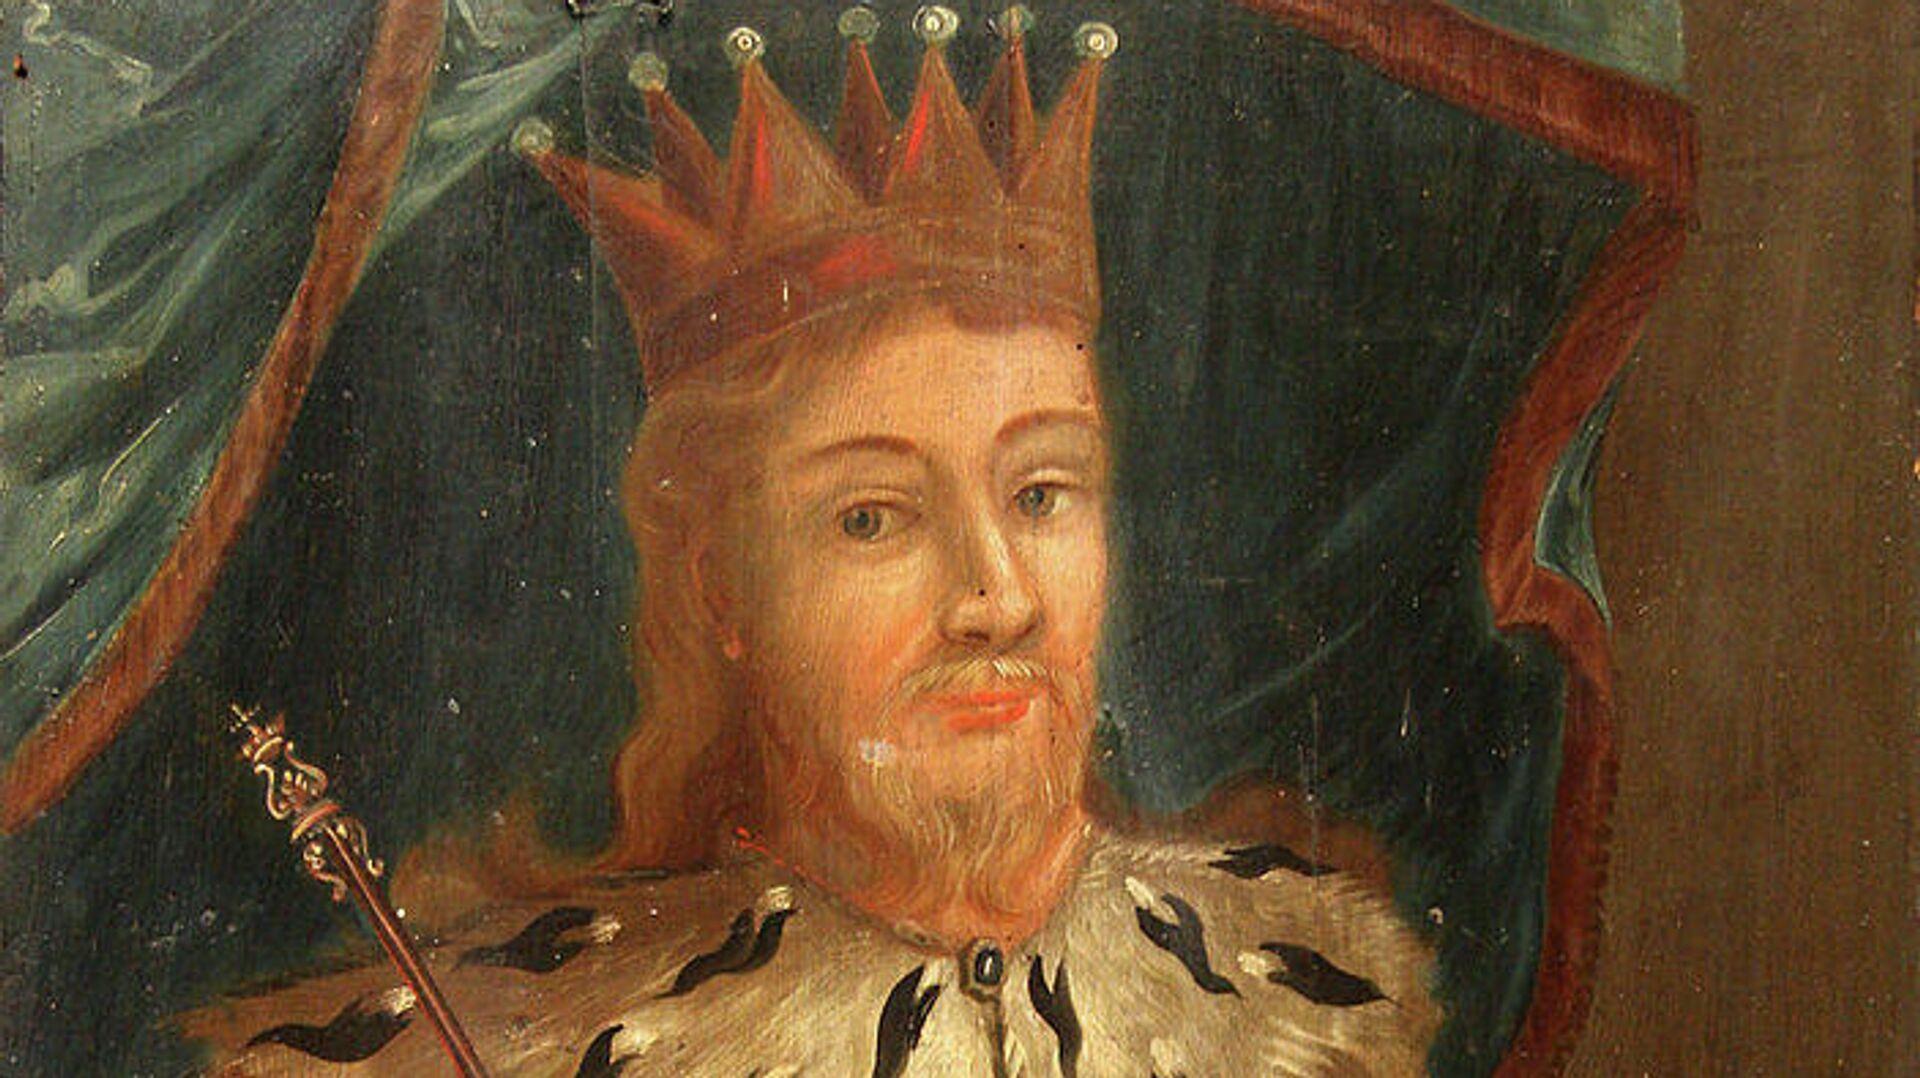 Il re Salomone - Sputnik Italia, 1920, 06.06.2021